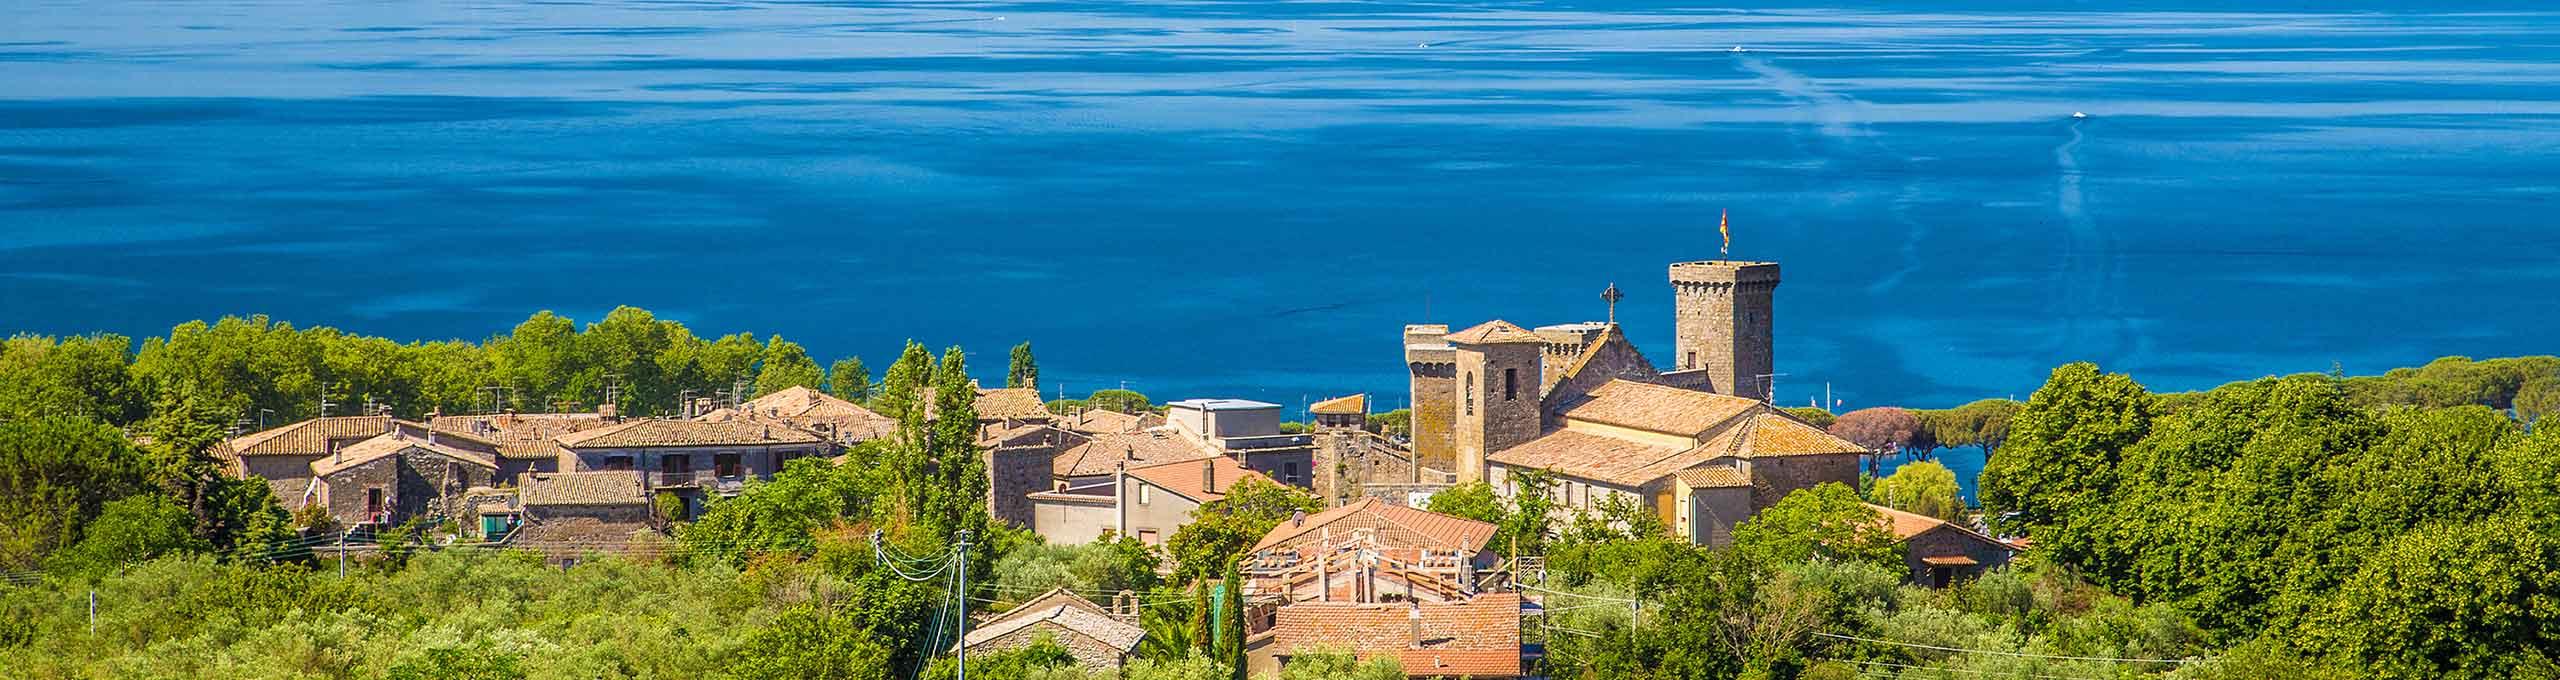 Bolsena, vista sull'omonimo lago